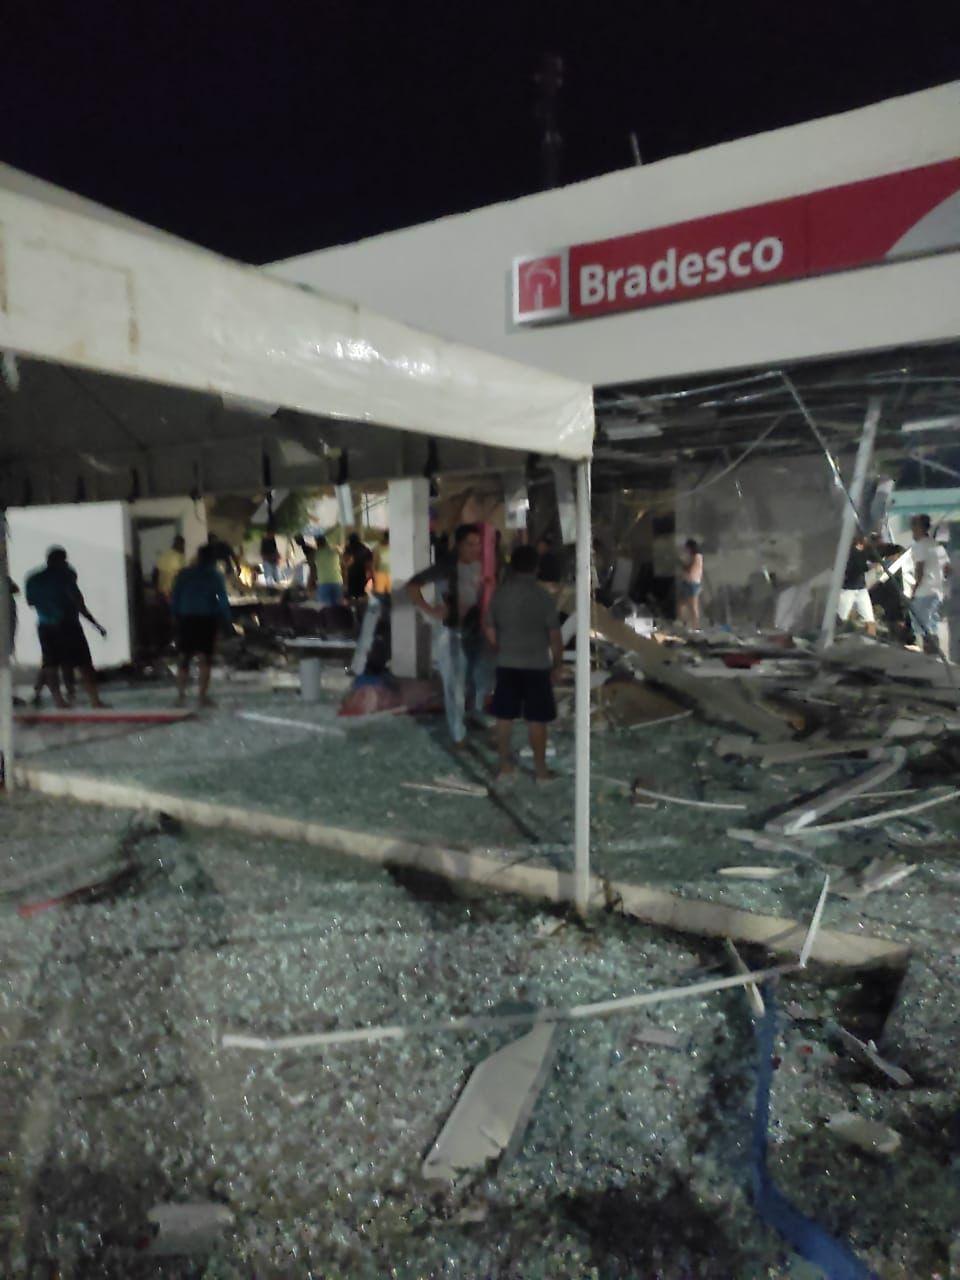 Agência do Bradesco é explodida em Chorrochó